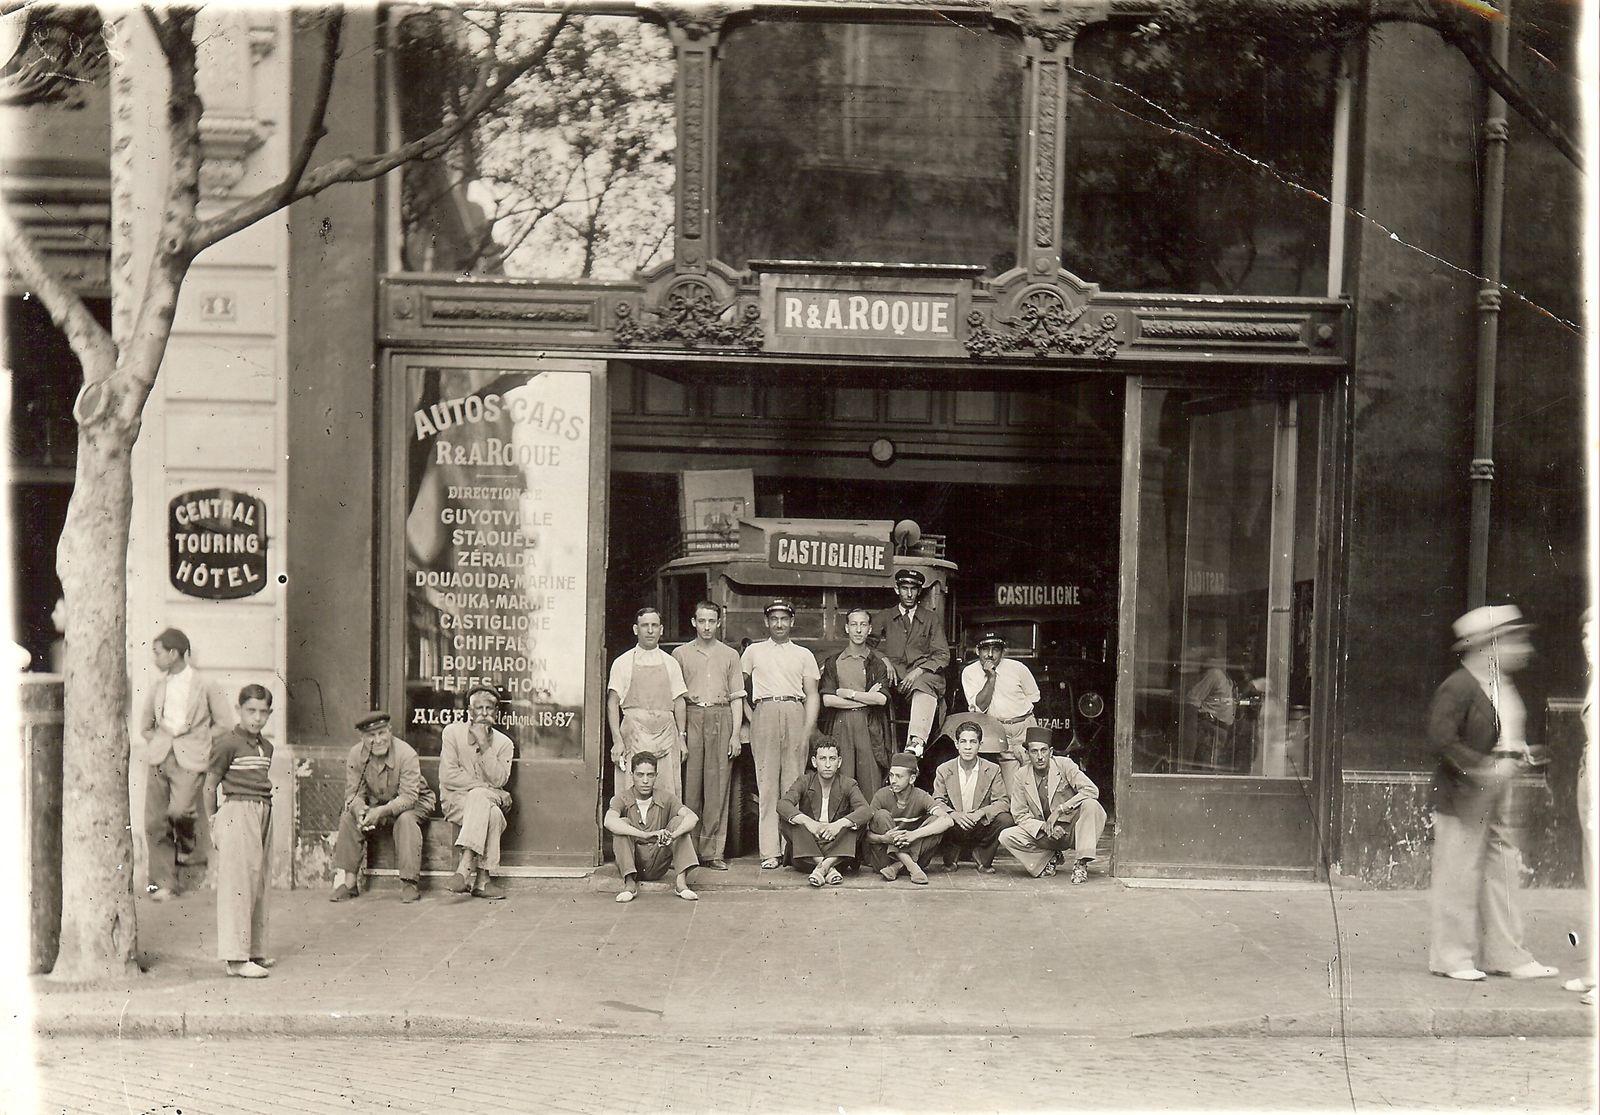 Le 26 juillet 1935 devant le garage d 39 autos cars roque for Garage le corre ceret